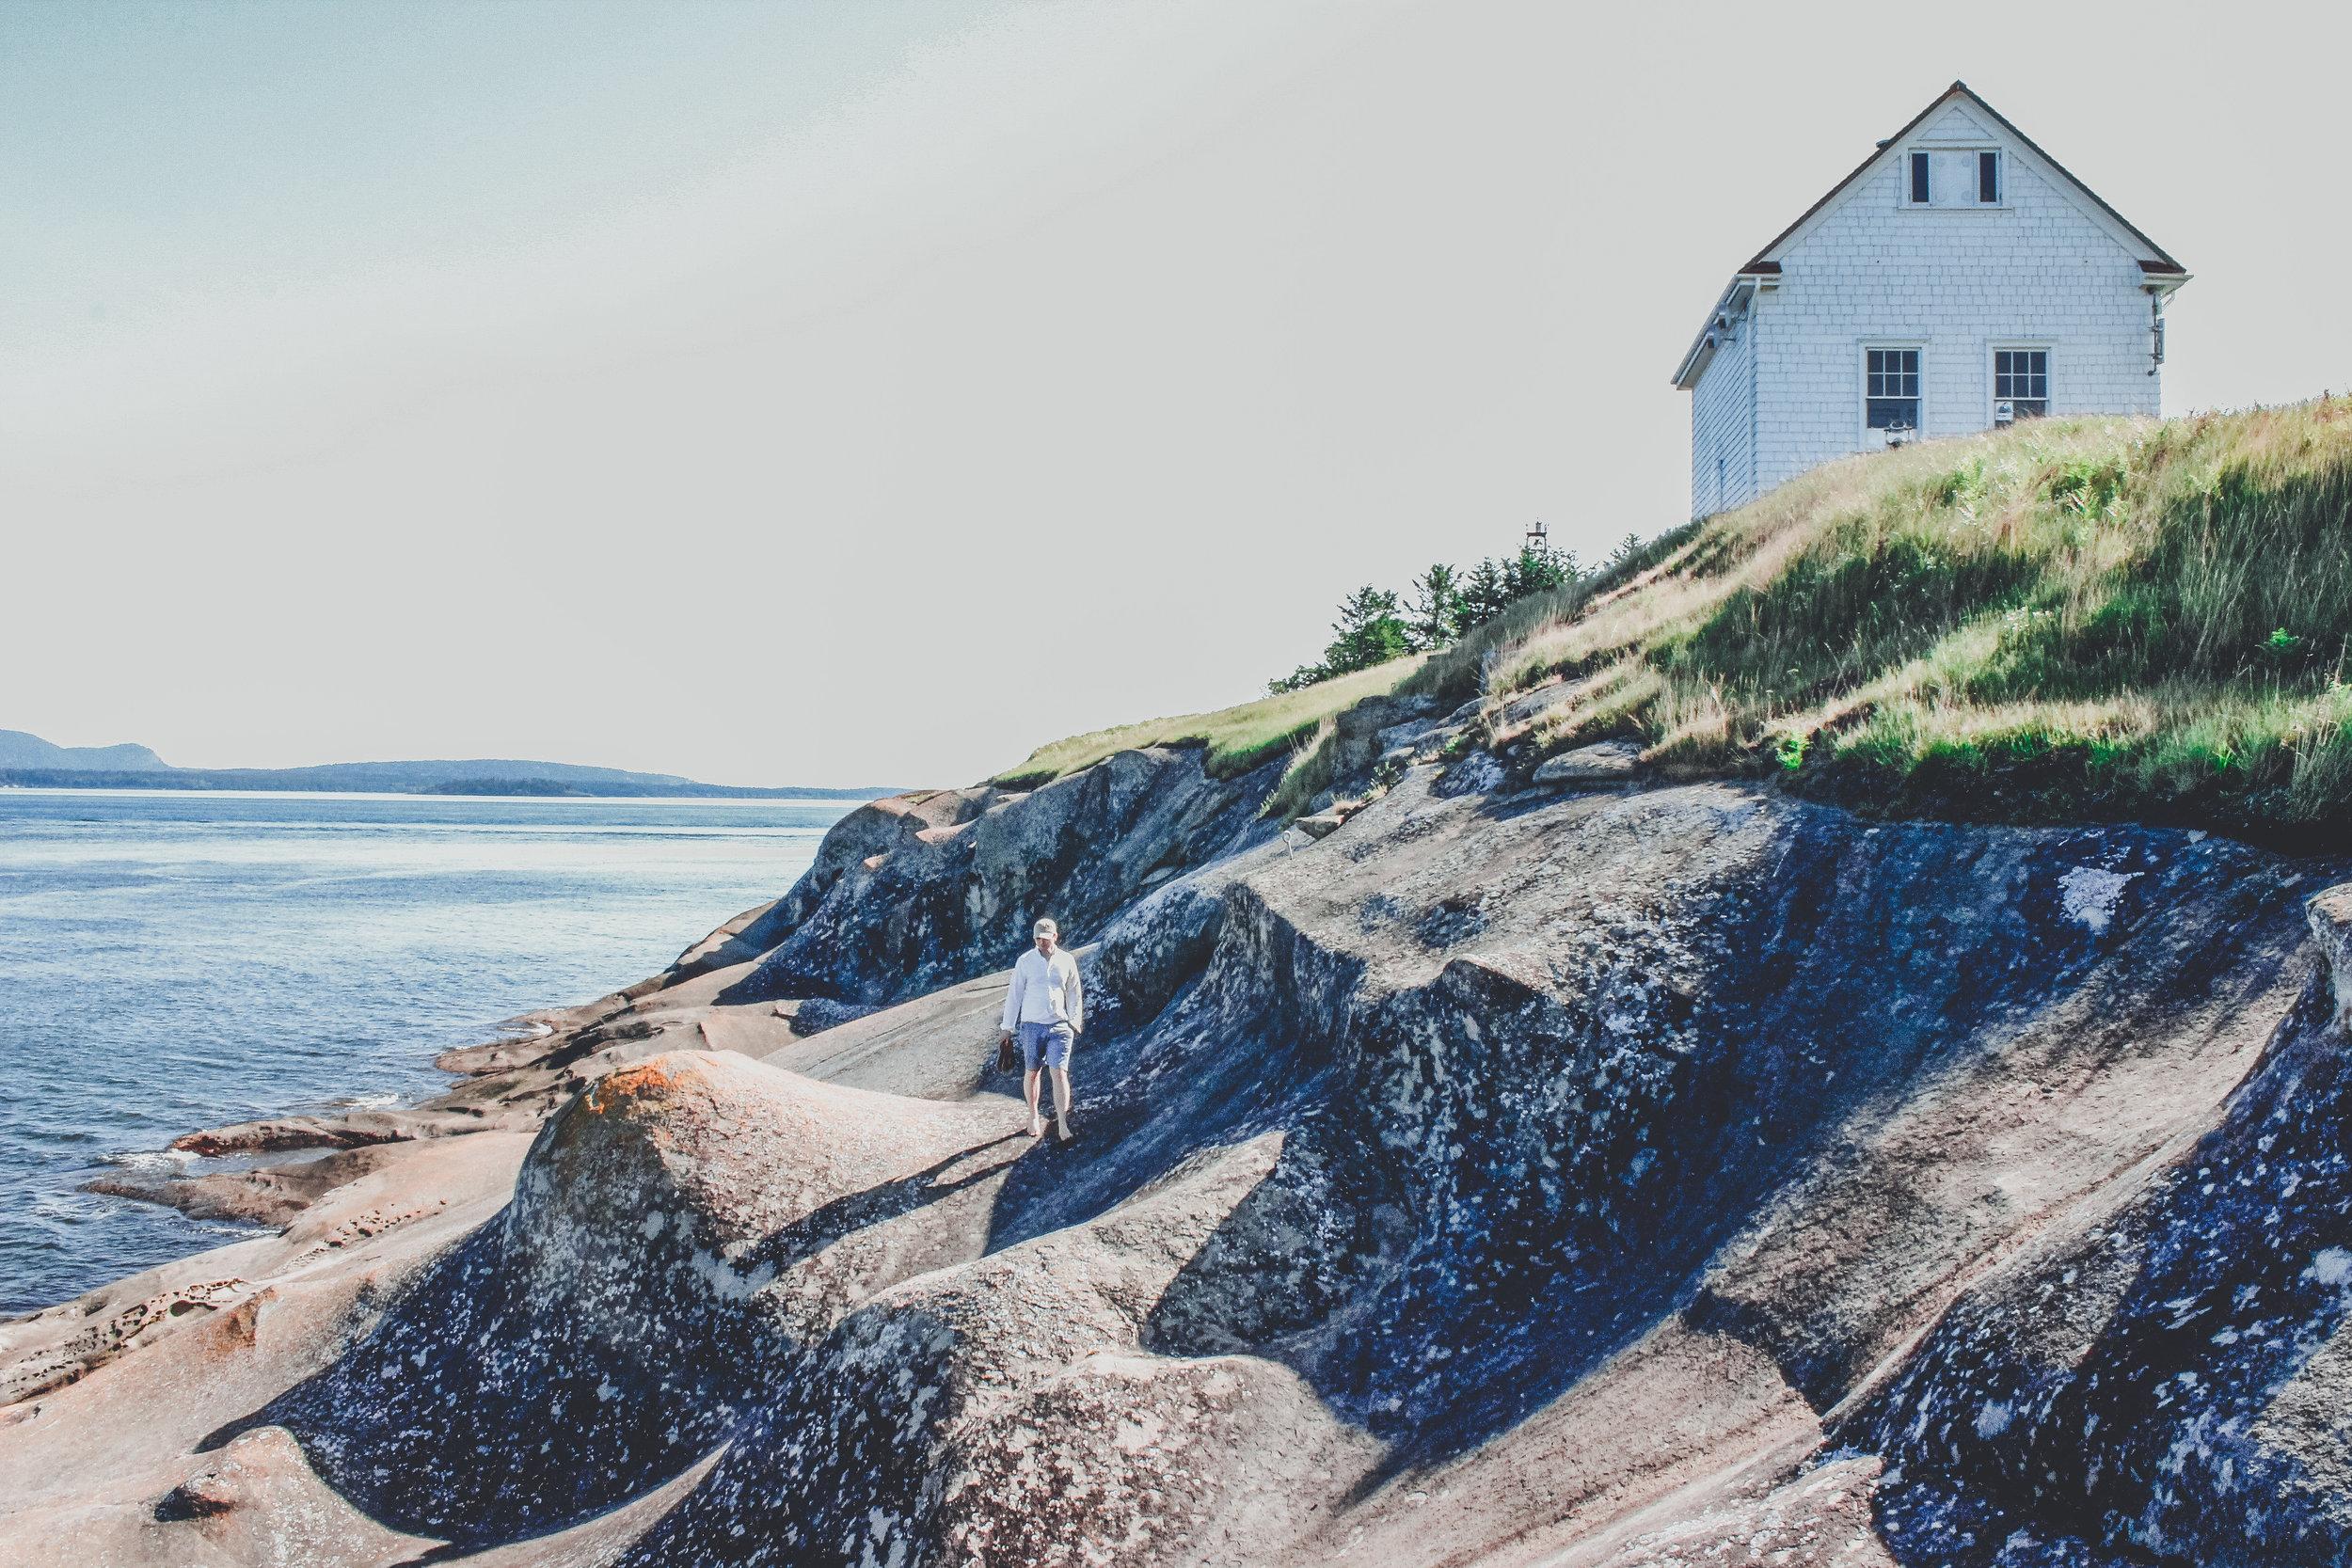 East Point Lighthouse, Saturna Island